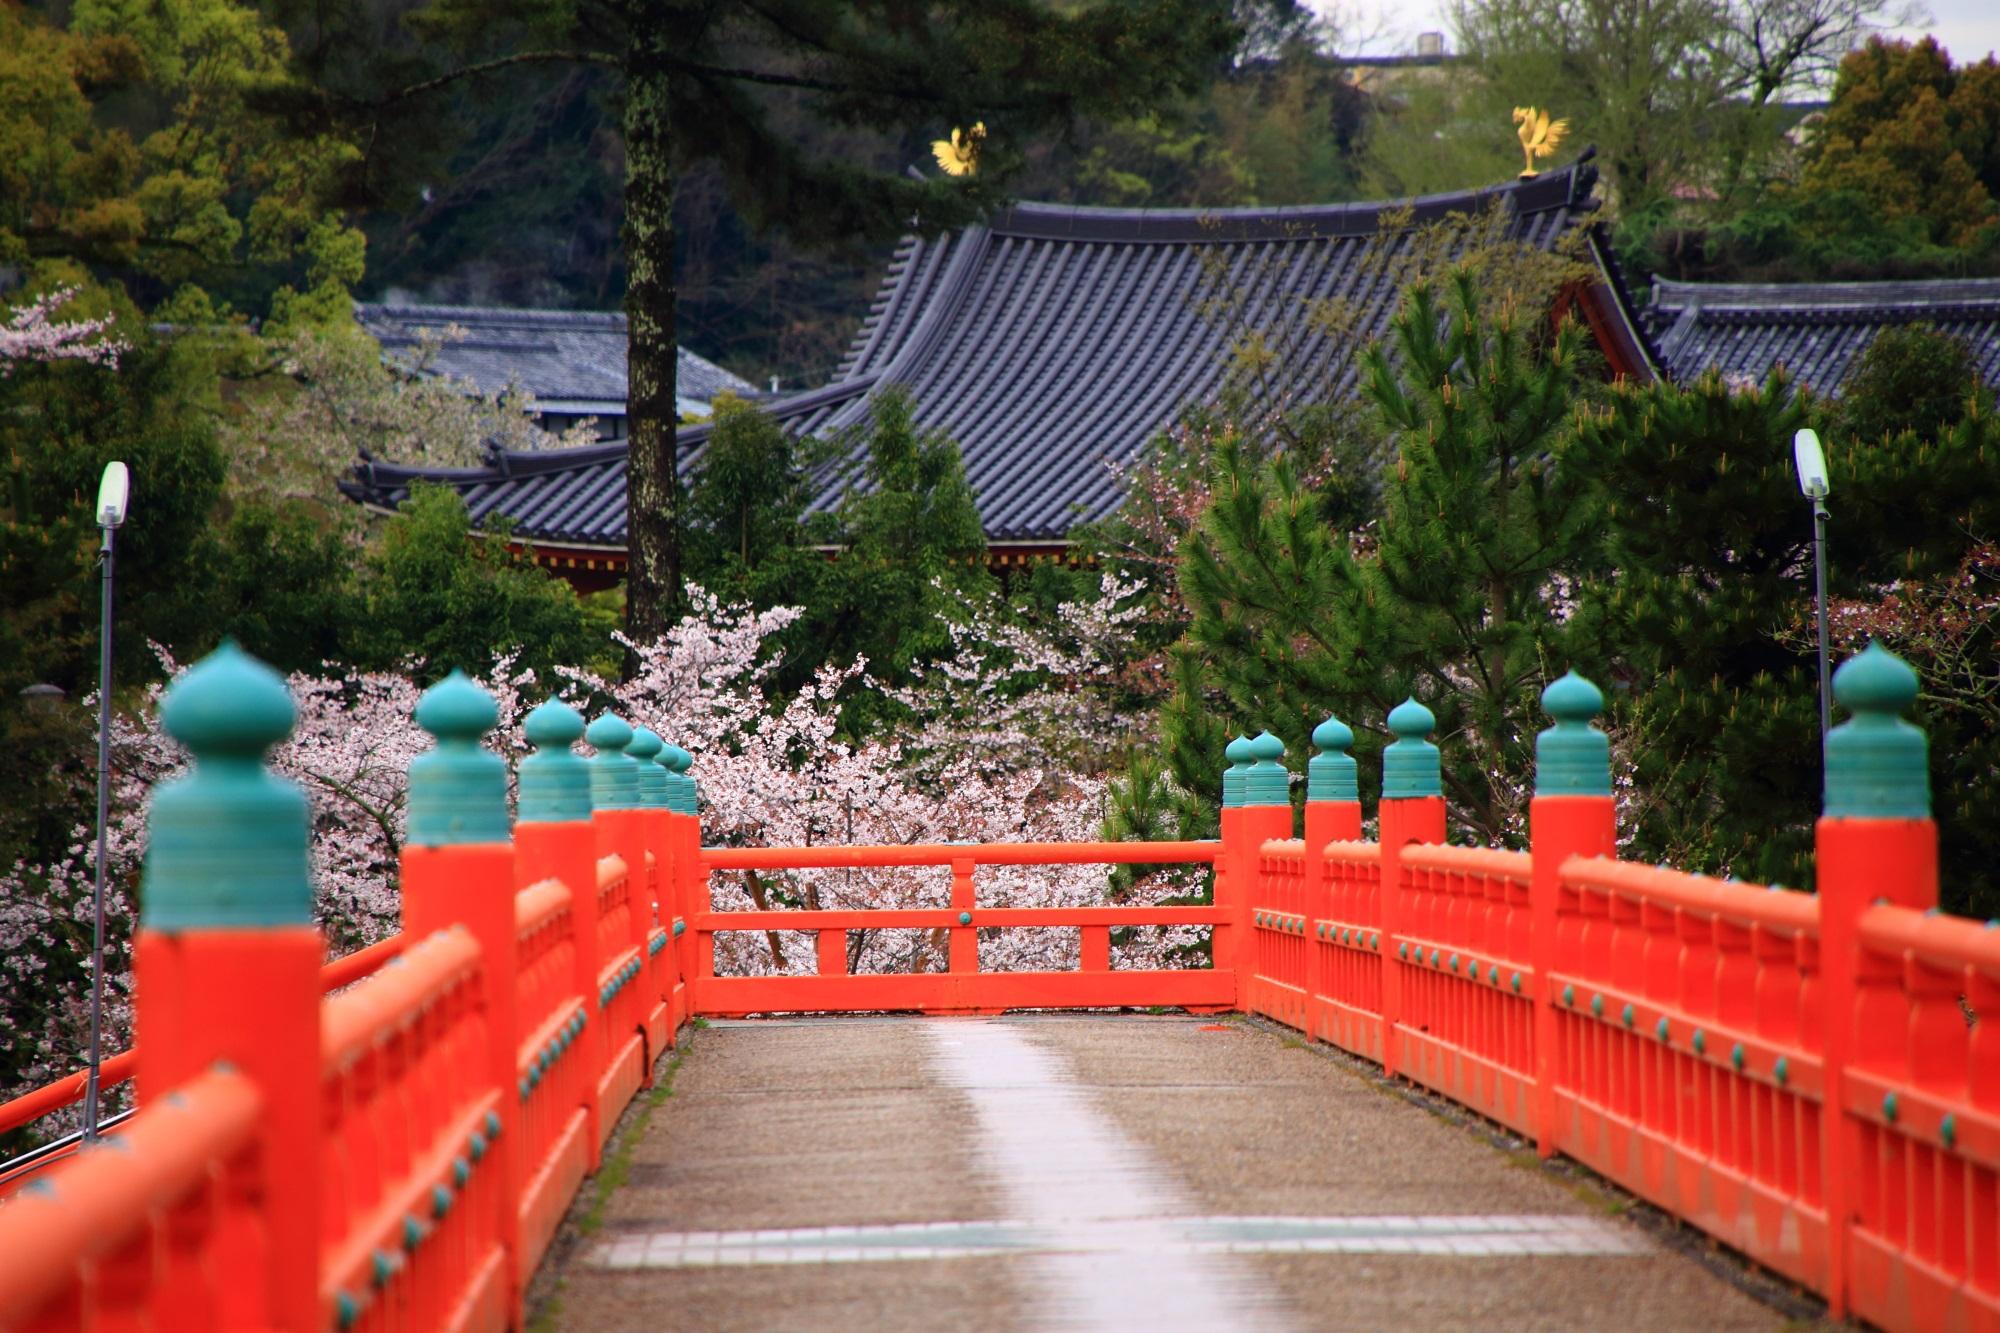 朝霧橋から眺める手前に溢れる桜と平等院鳳凰堂